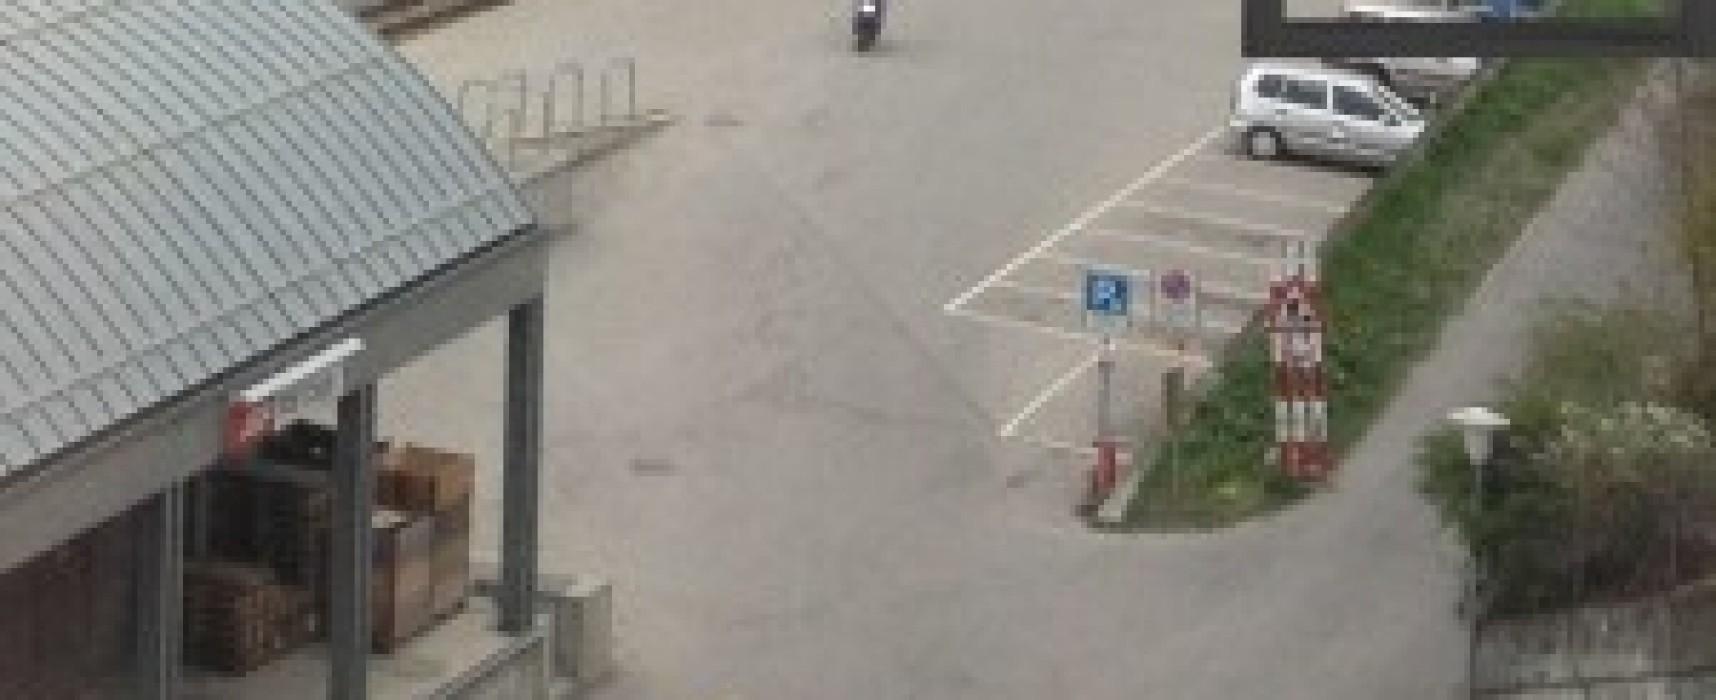 Parkierungskonzept Thusis und Aufheben von Glas- und Blechkontainern